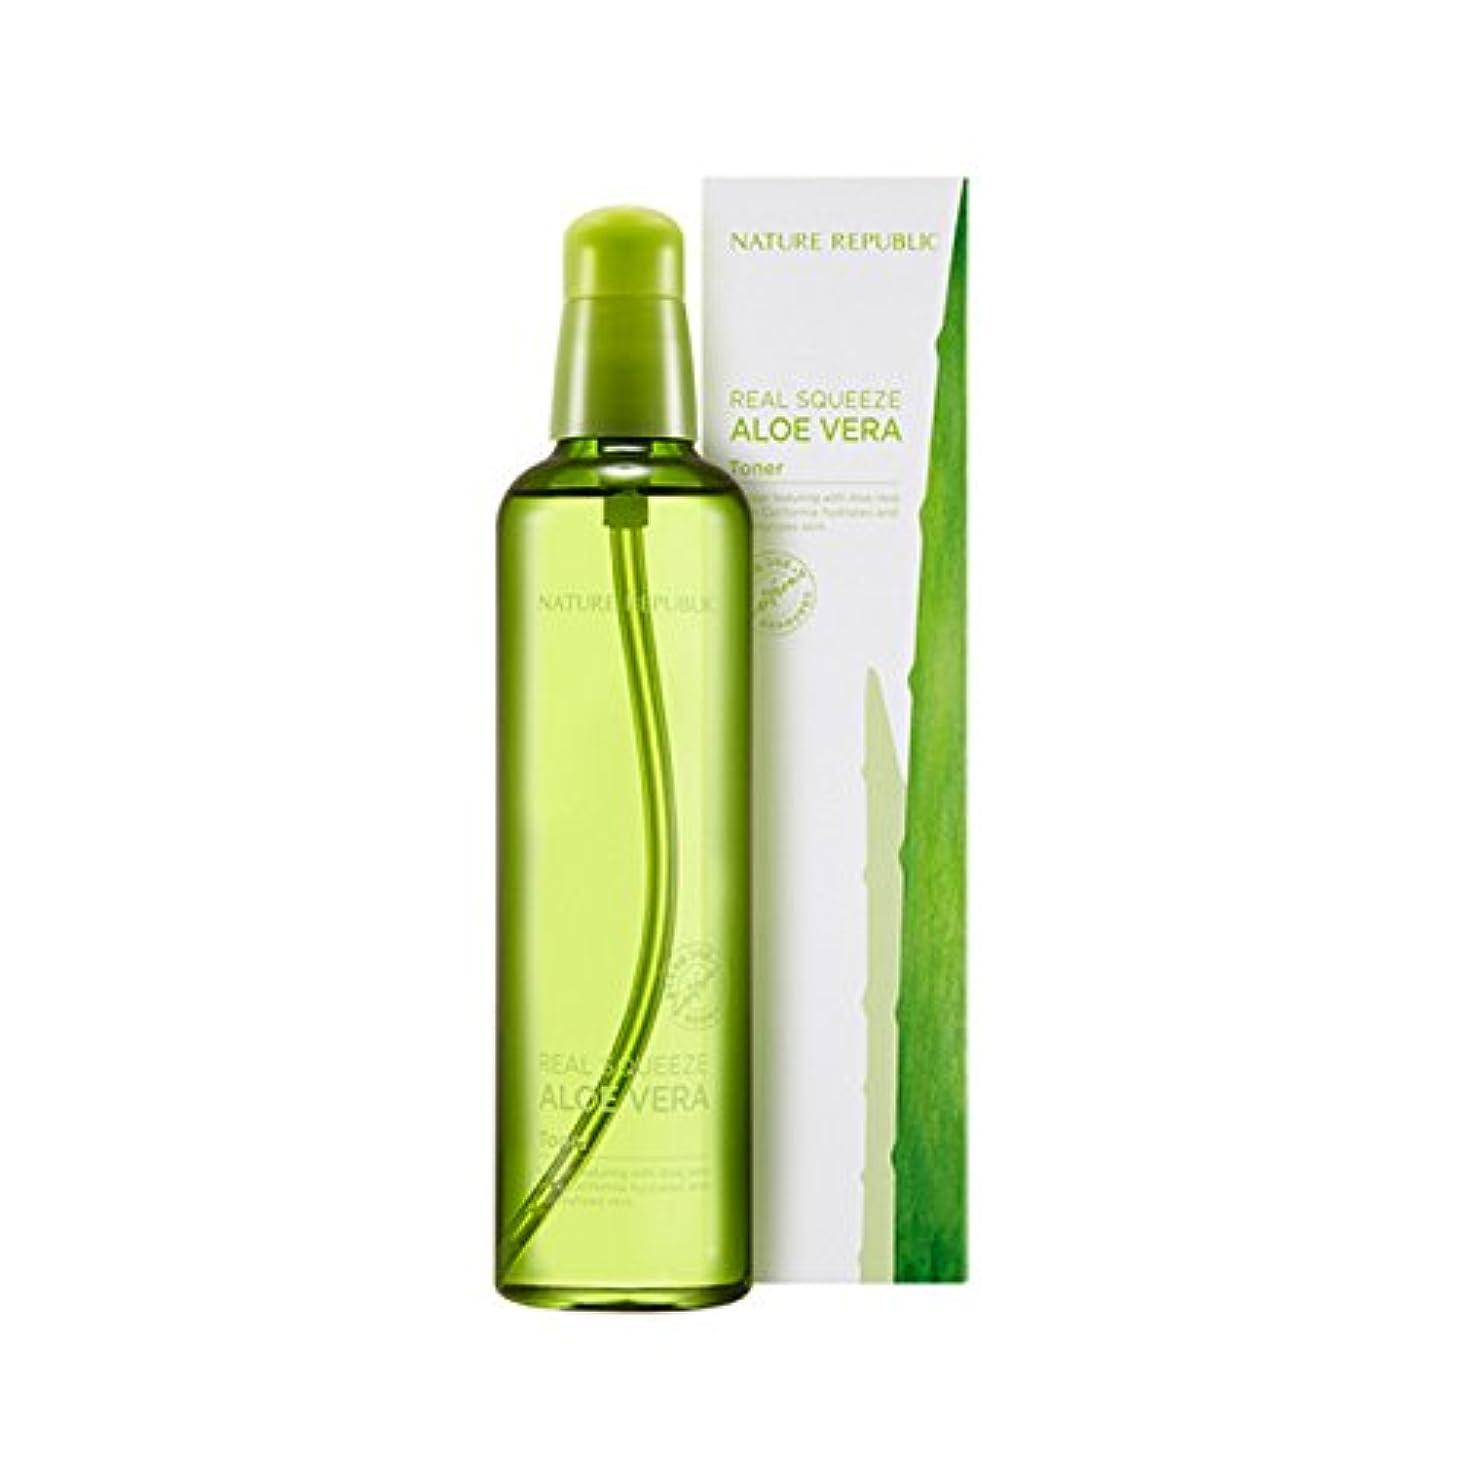 身元候補者嵐の[ネイチャーリパブリック] Nature Republic リアルスクイーズアロエベラエマルジョントナー Real Squeeze Aloe Vera Emulsion Toner (Toner) [並行輸入品]